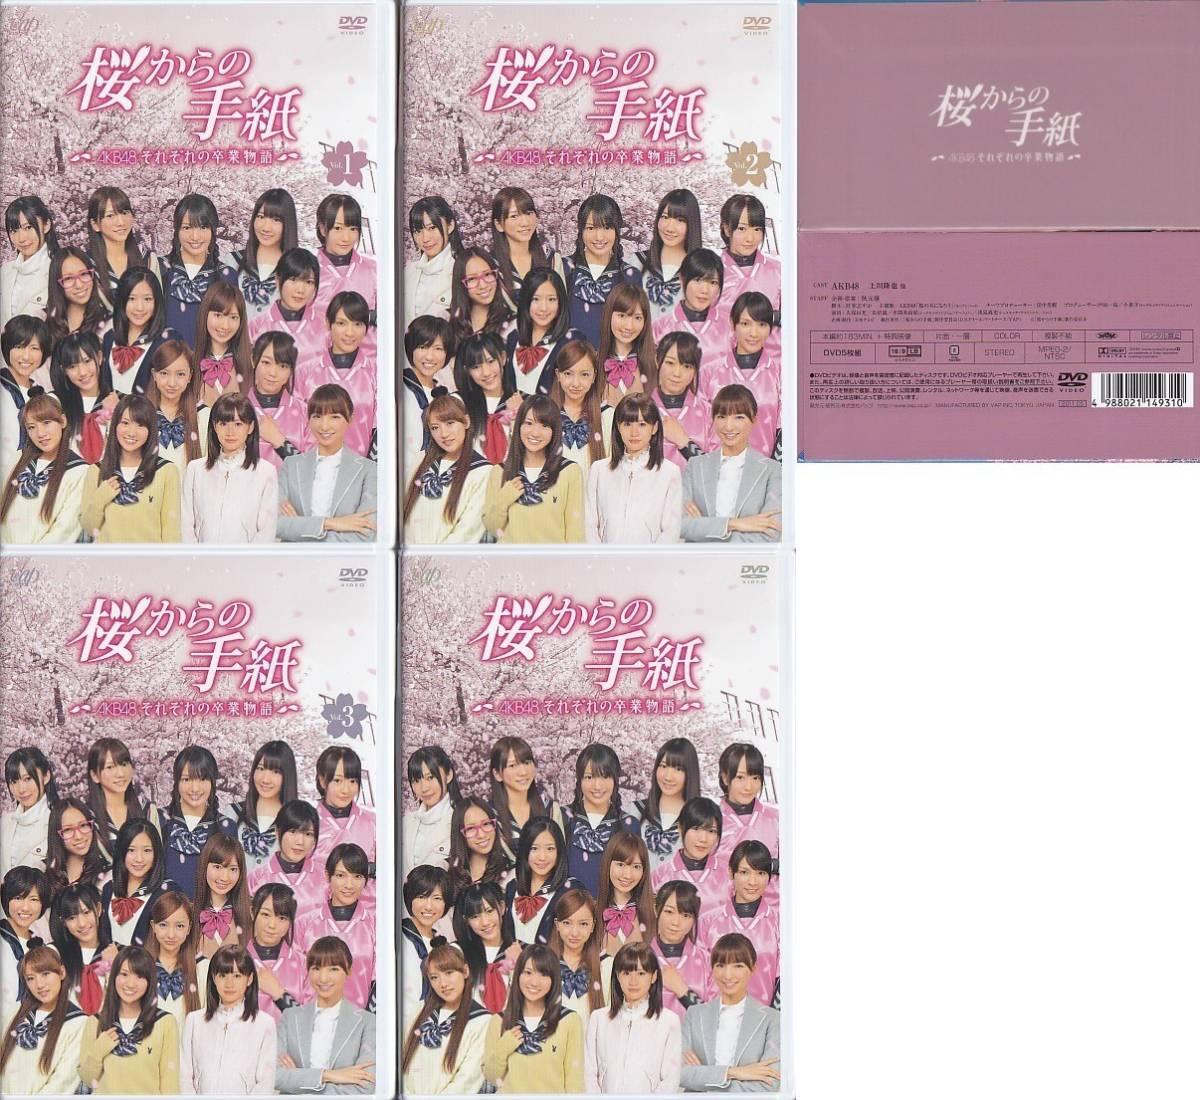 【正規品】AKB48 DVD] 桜からの手紙~AKB48それぞれの卒業物語~豪華版 DVD-BOX [5枚組]/前田敦子/大島優子/篠田麻里子/板野友美/上川隆也_画像2